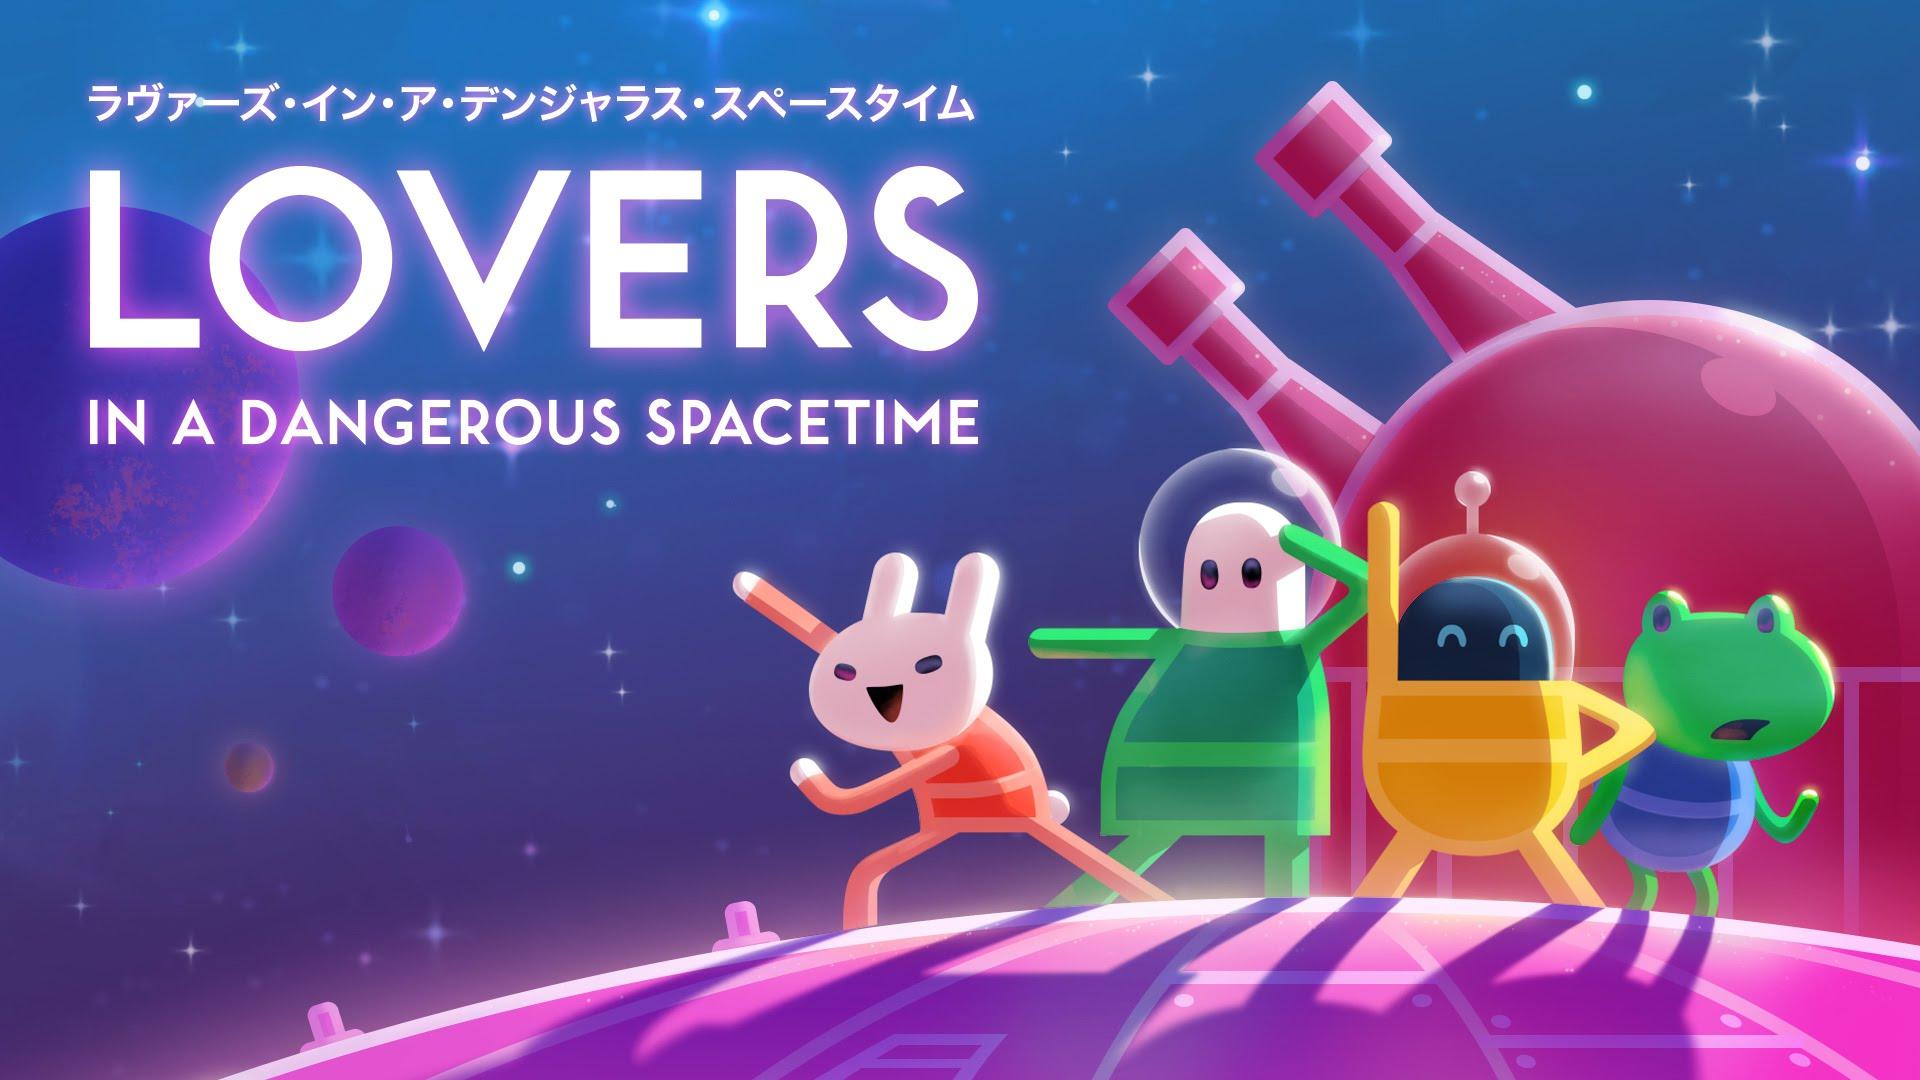 【追記】Switch版『Lovers in a Dangerous Spacetime』の海外配信日が2017年10月3日に決定!